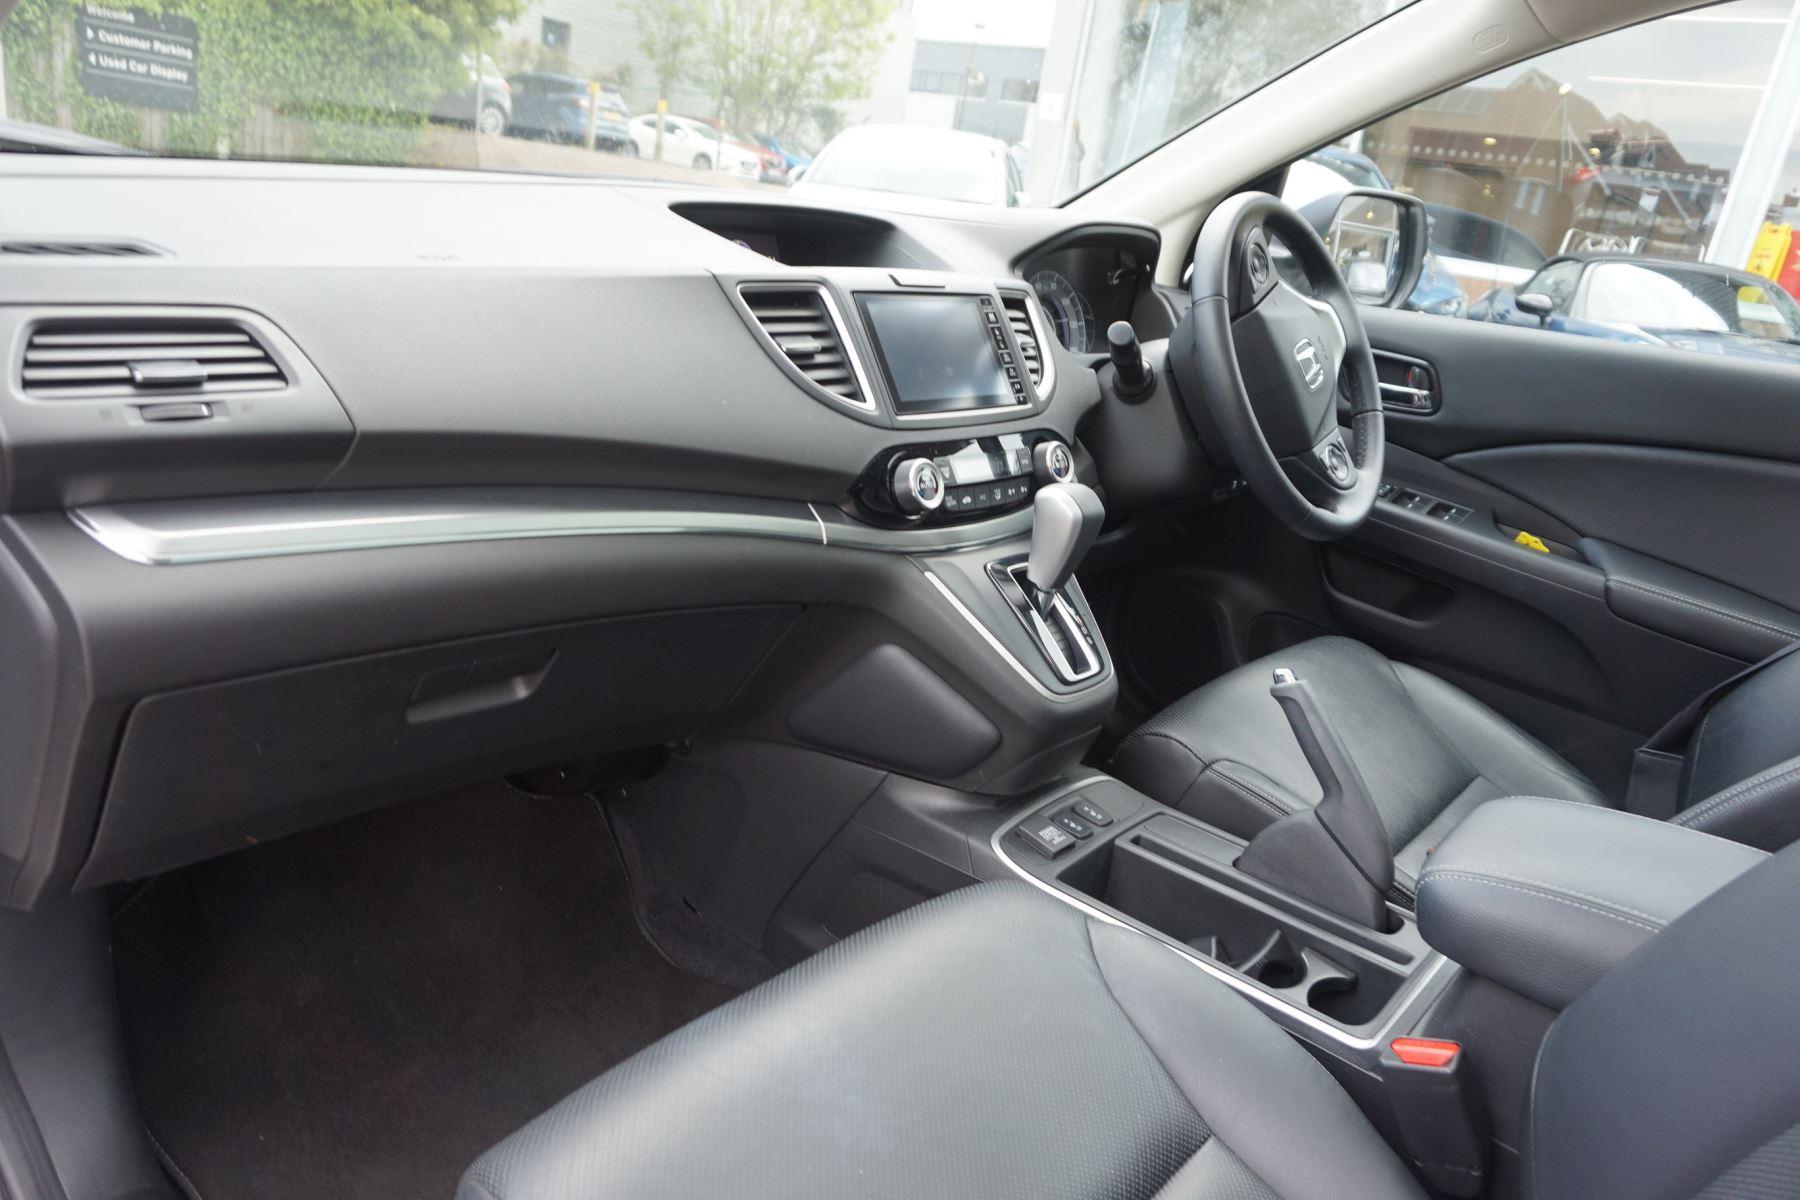 Honda CR-V 2.0 i-VTEC EX 5dr image 10